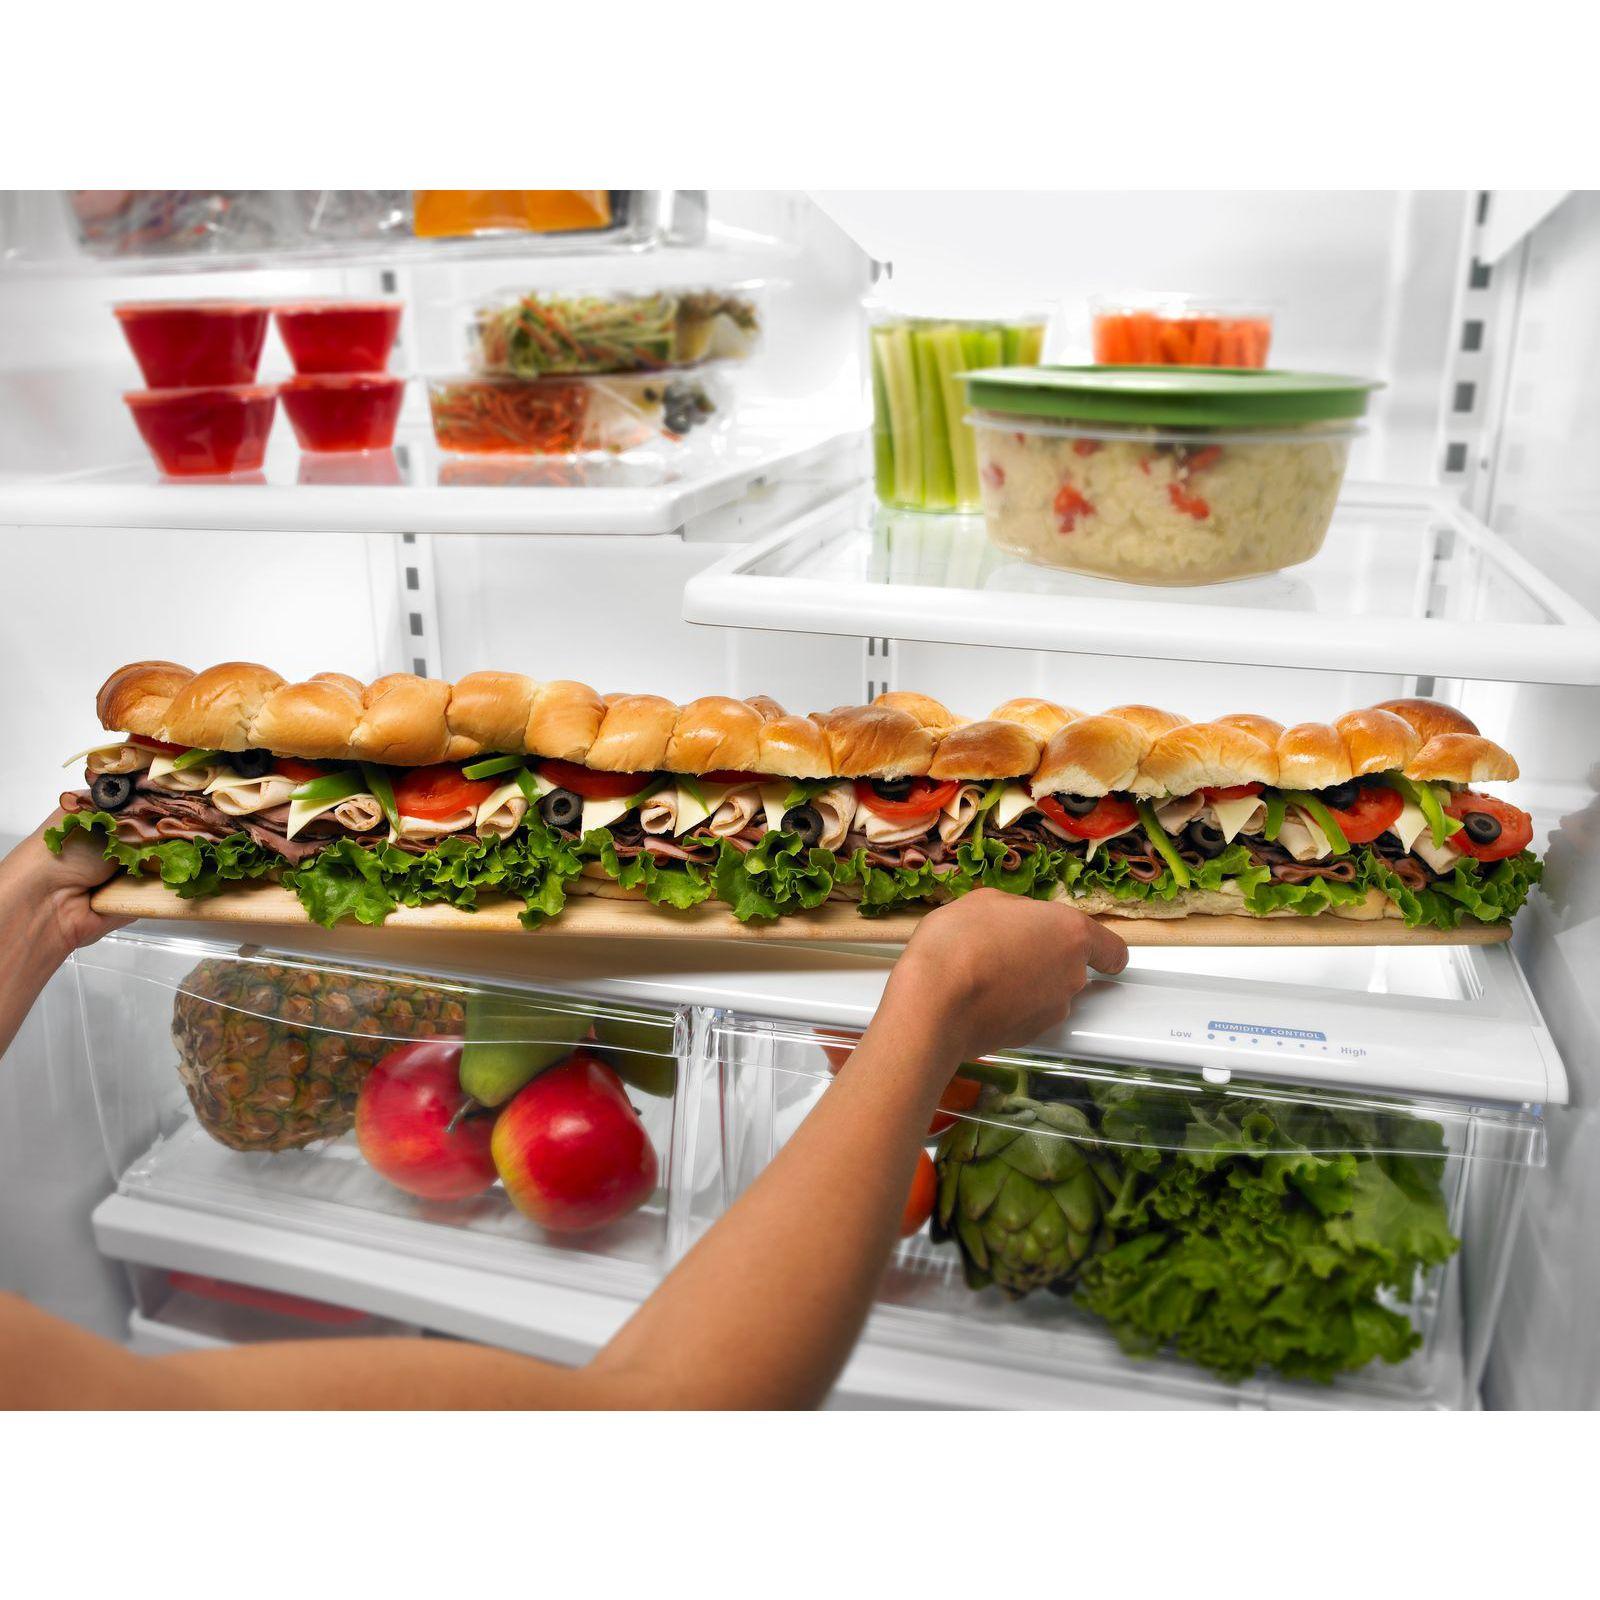 Whirlpool 24.8 cu. ft. French Door Bottom Freezer Refrigerator with Contour Doors